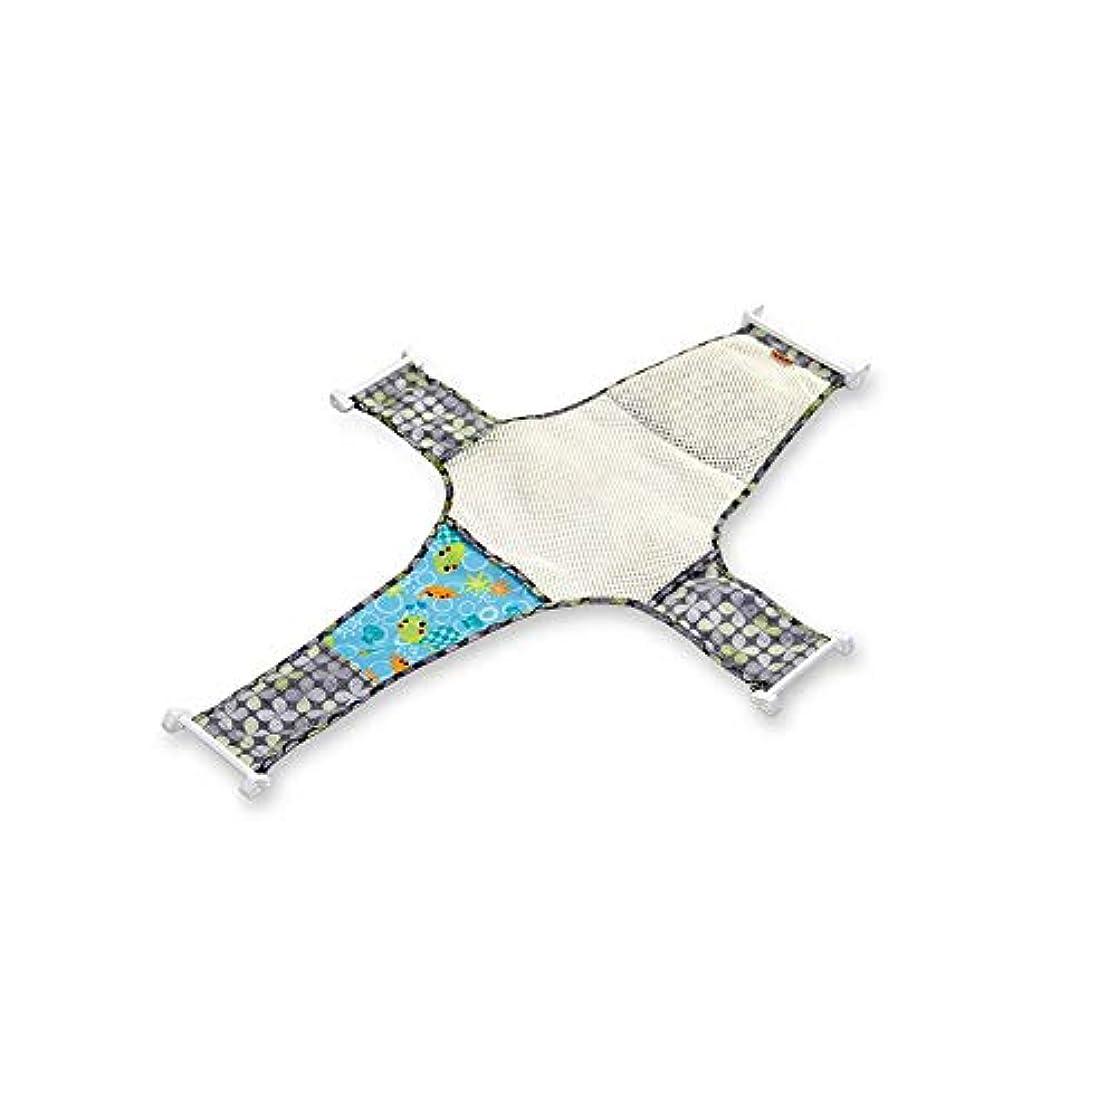 呼吸するアライアンス体Onior調整可能 十字メッシュ パターン バスタブ 座席 スタンドネット 滑り止め 浴槽網 耐久性